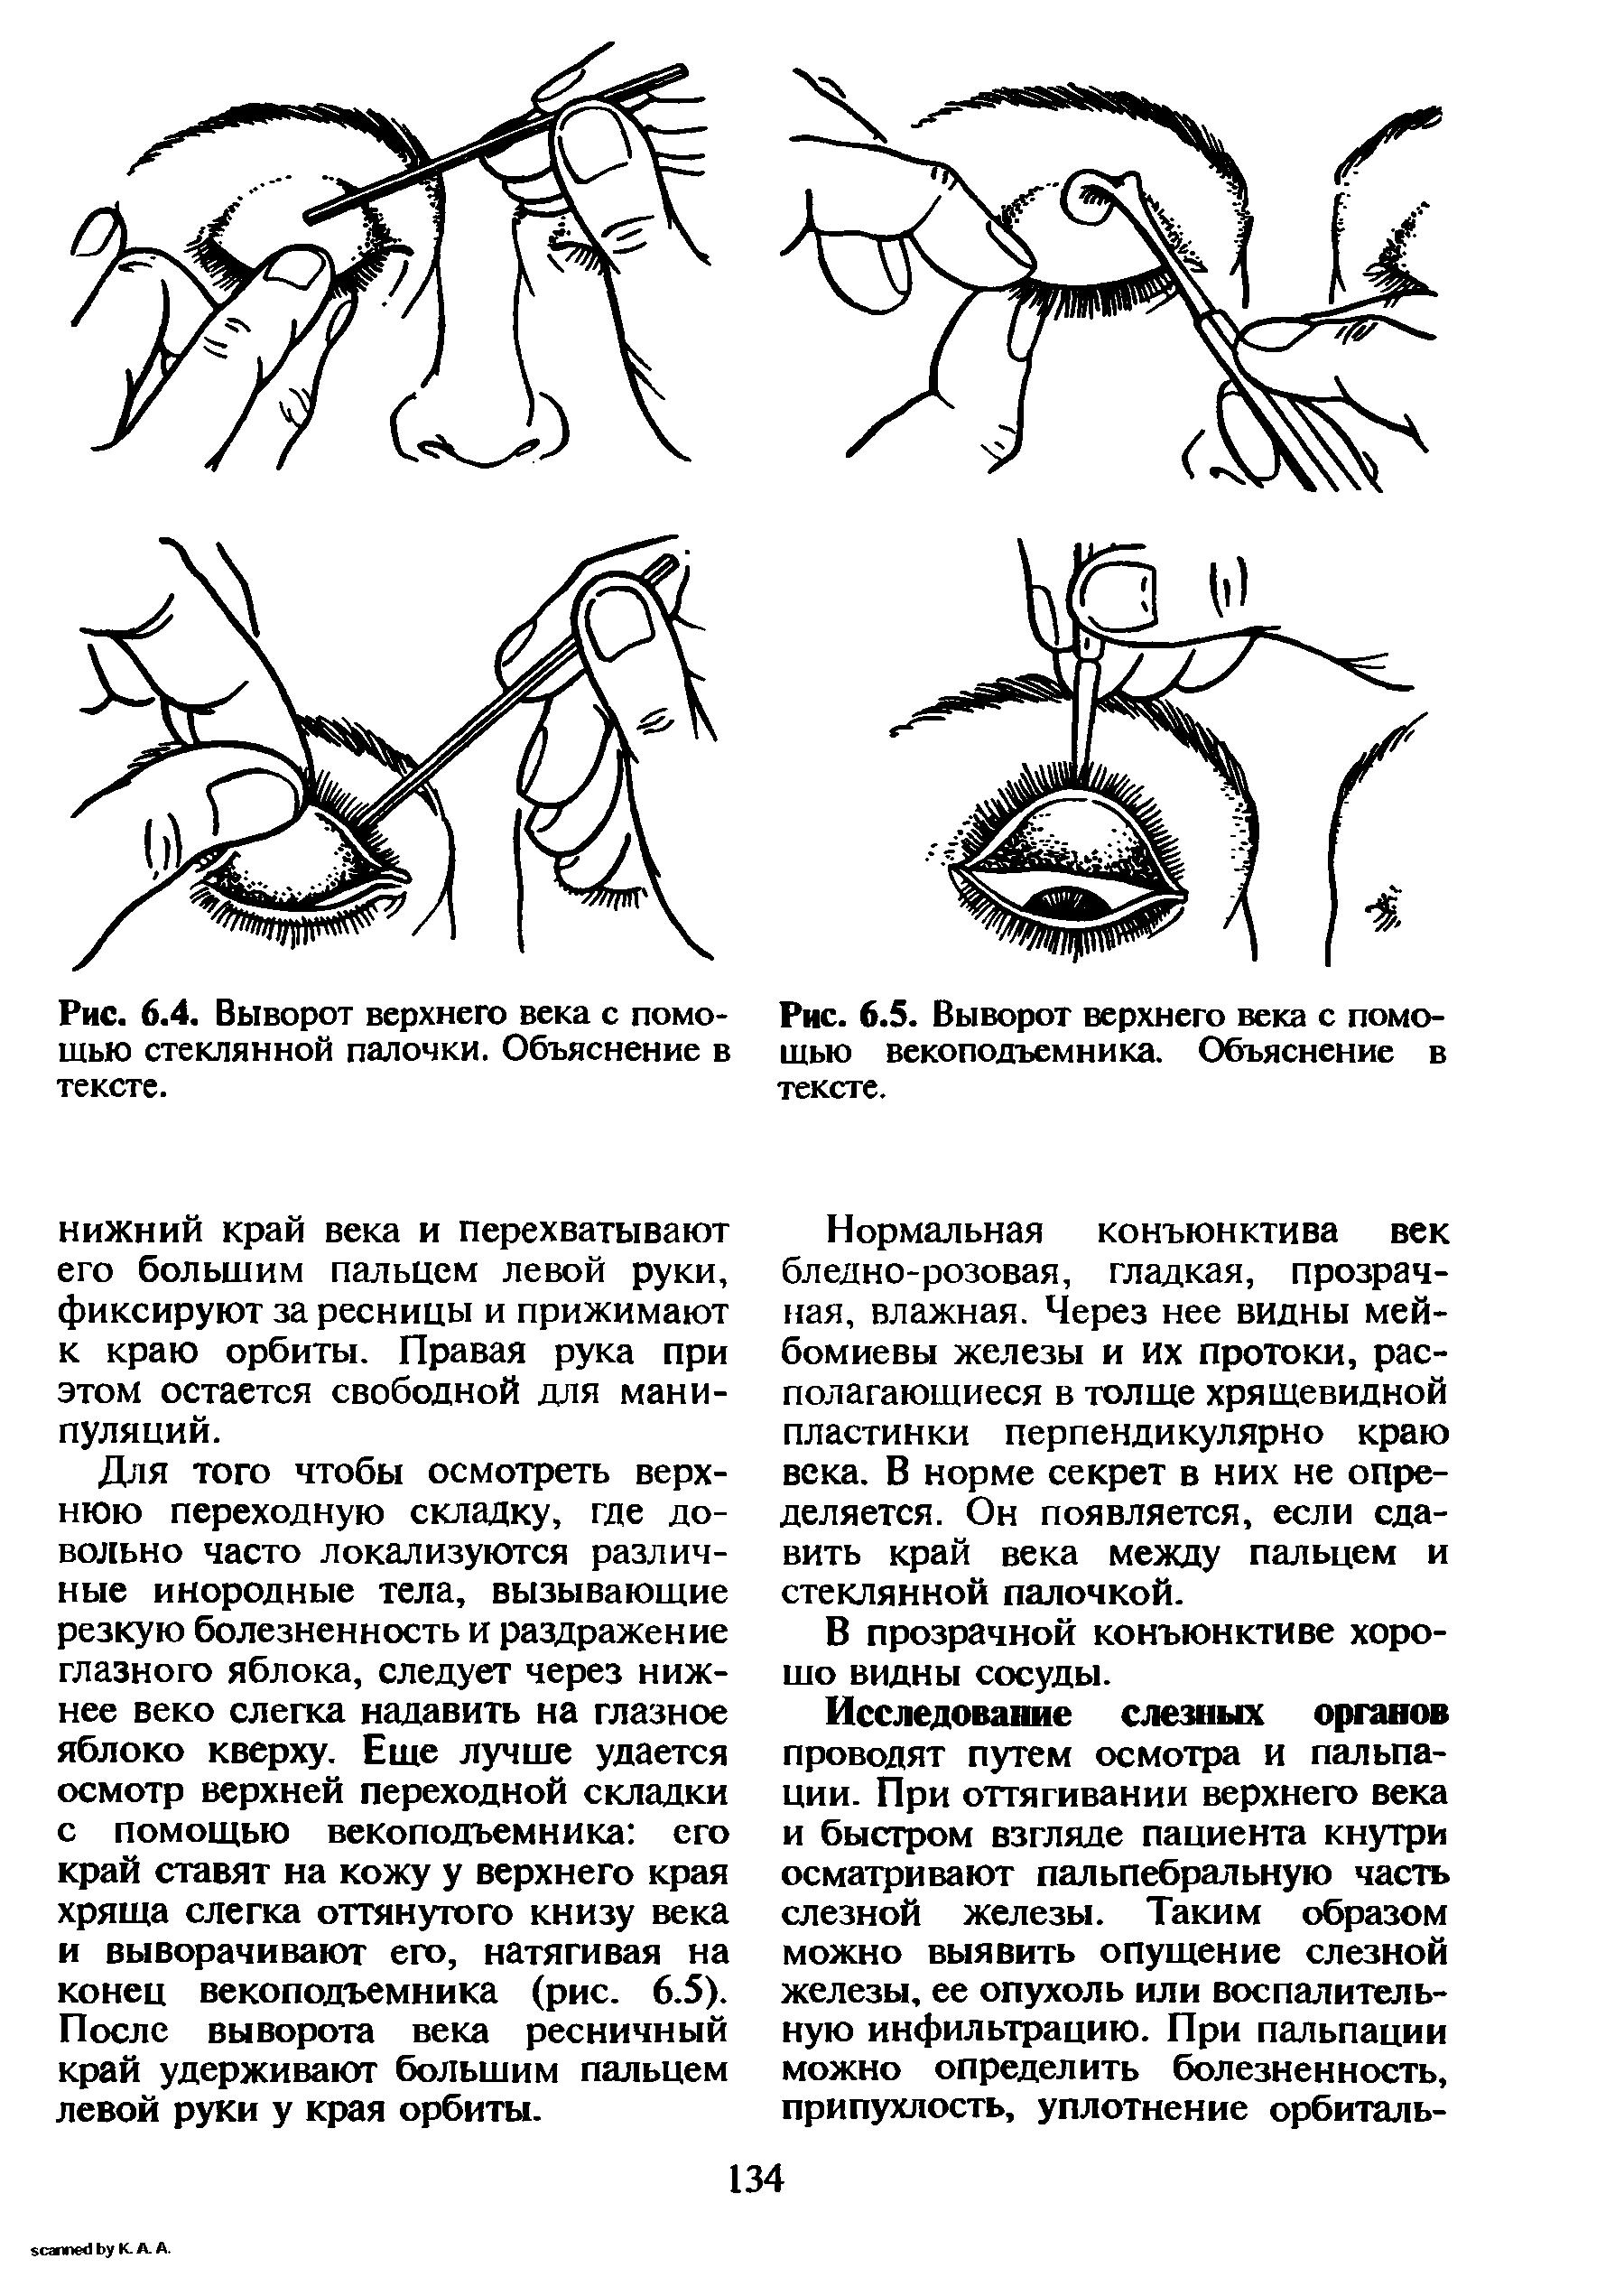 Как вывернуть глазное веко. выворот нижнего и верхнего века (эктропион глаза): исправление и лечение